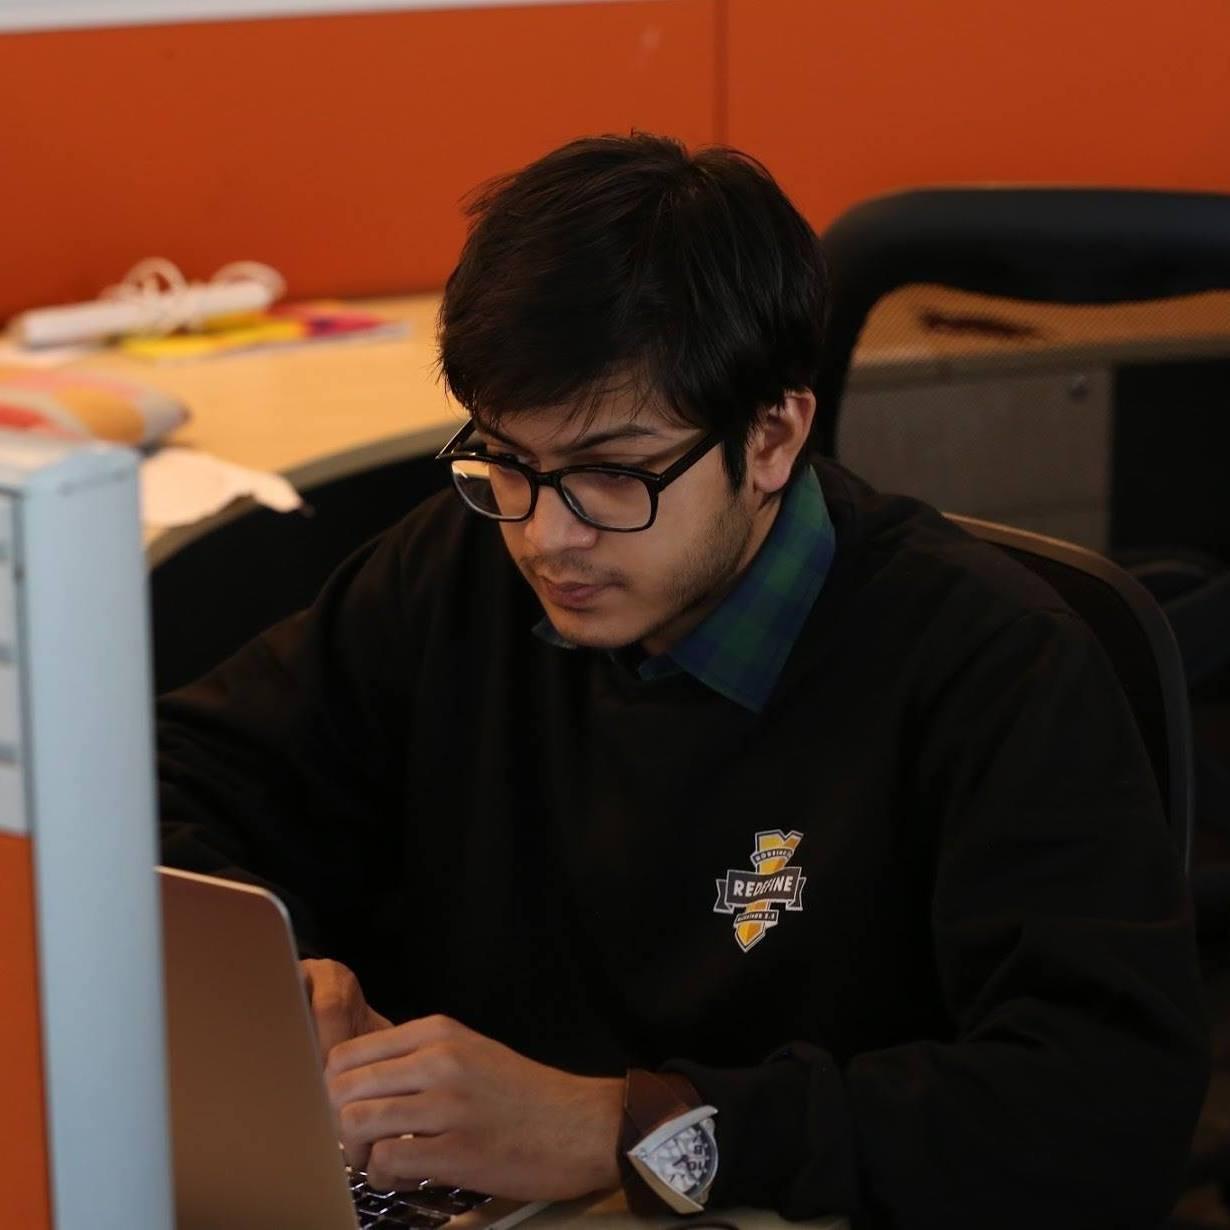 Ayush Lodhi